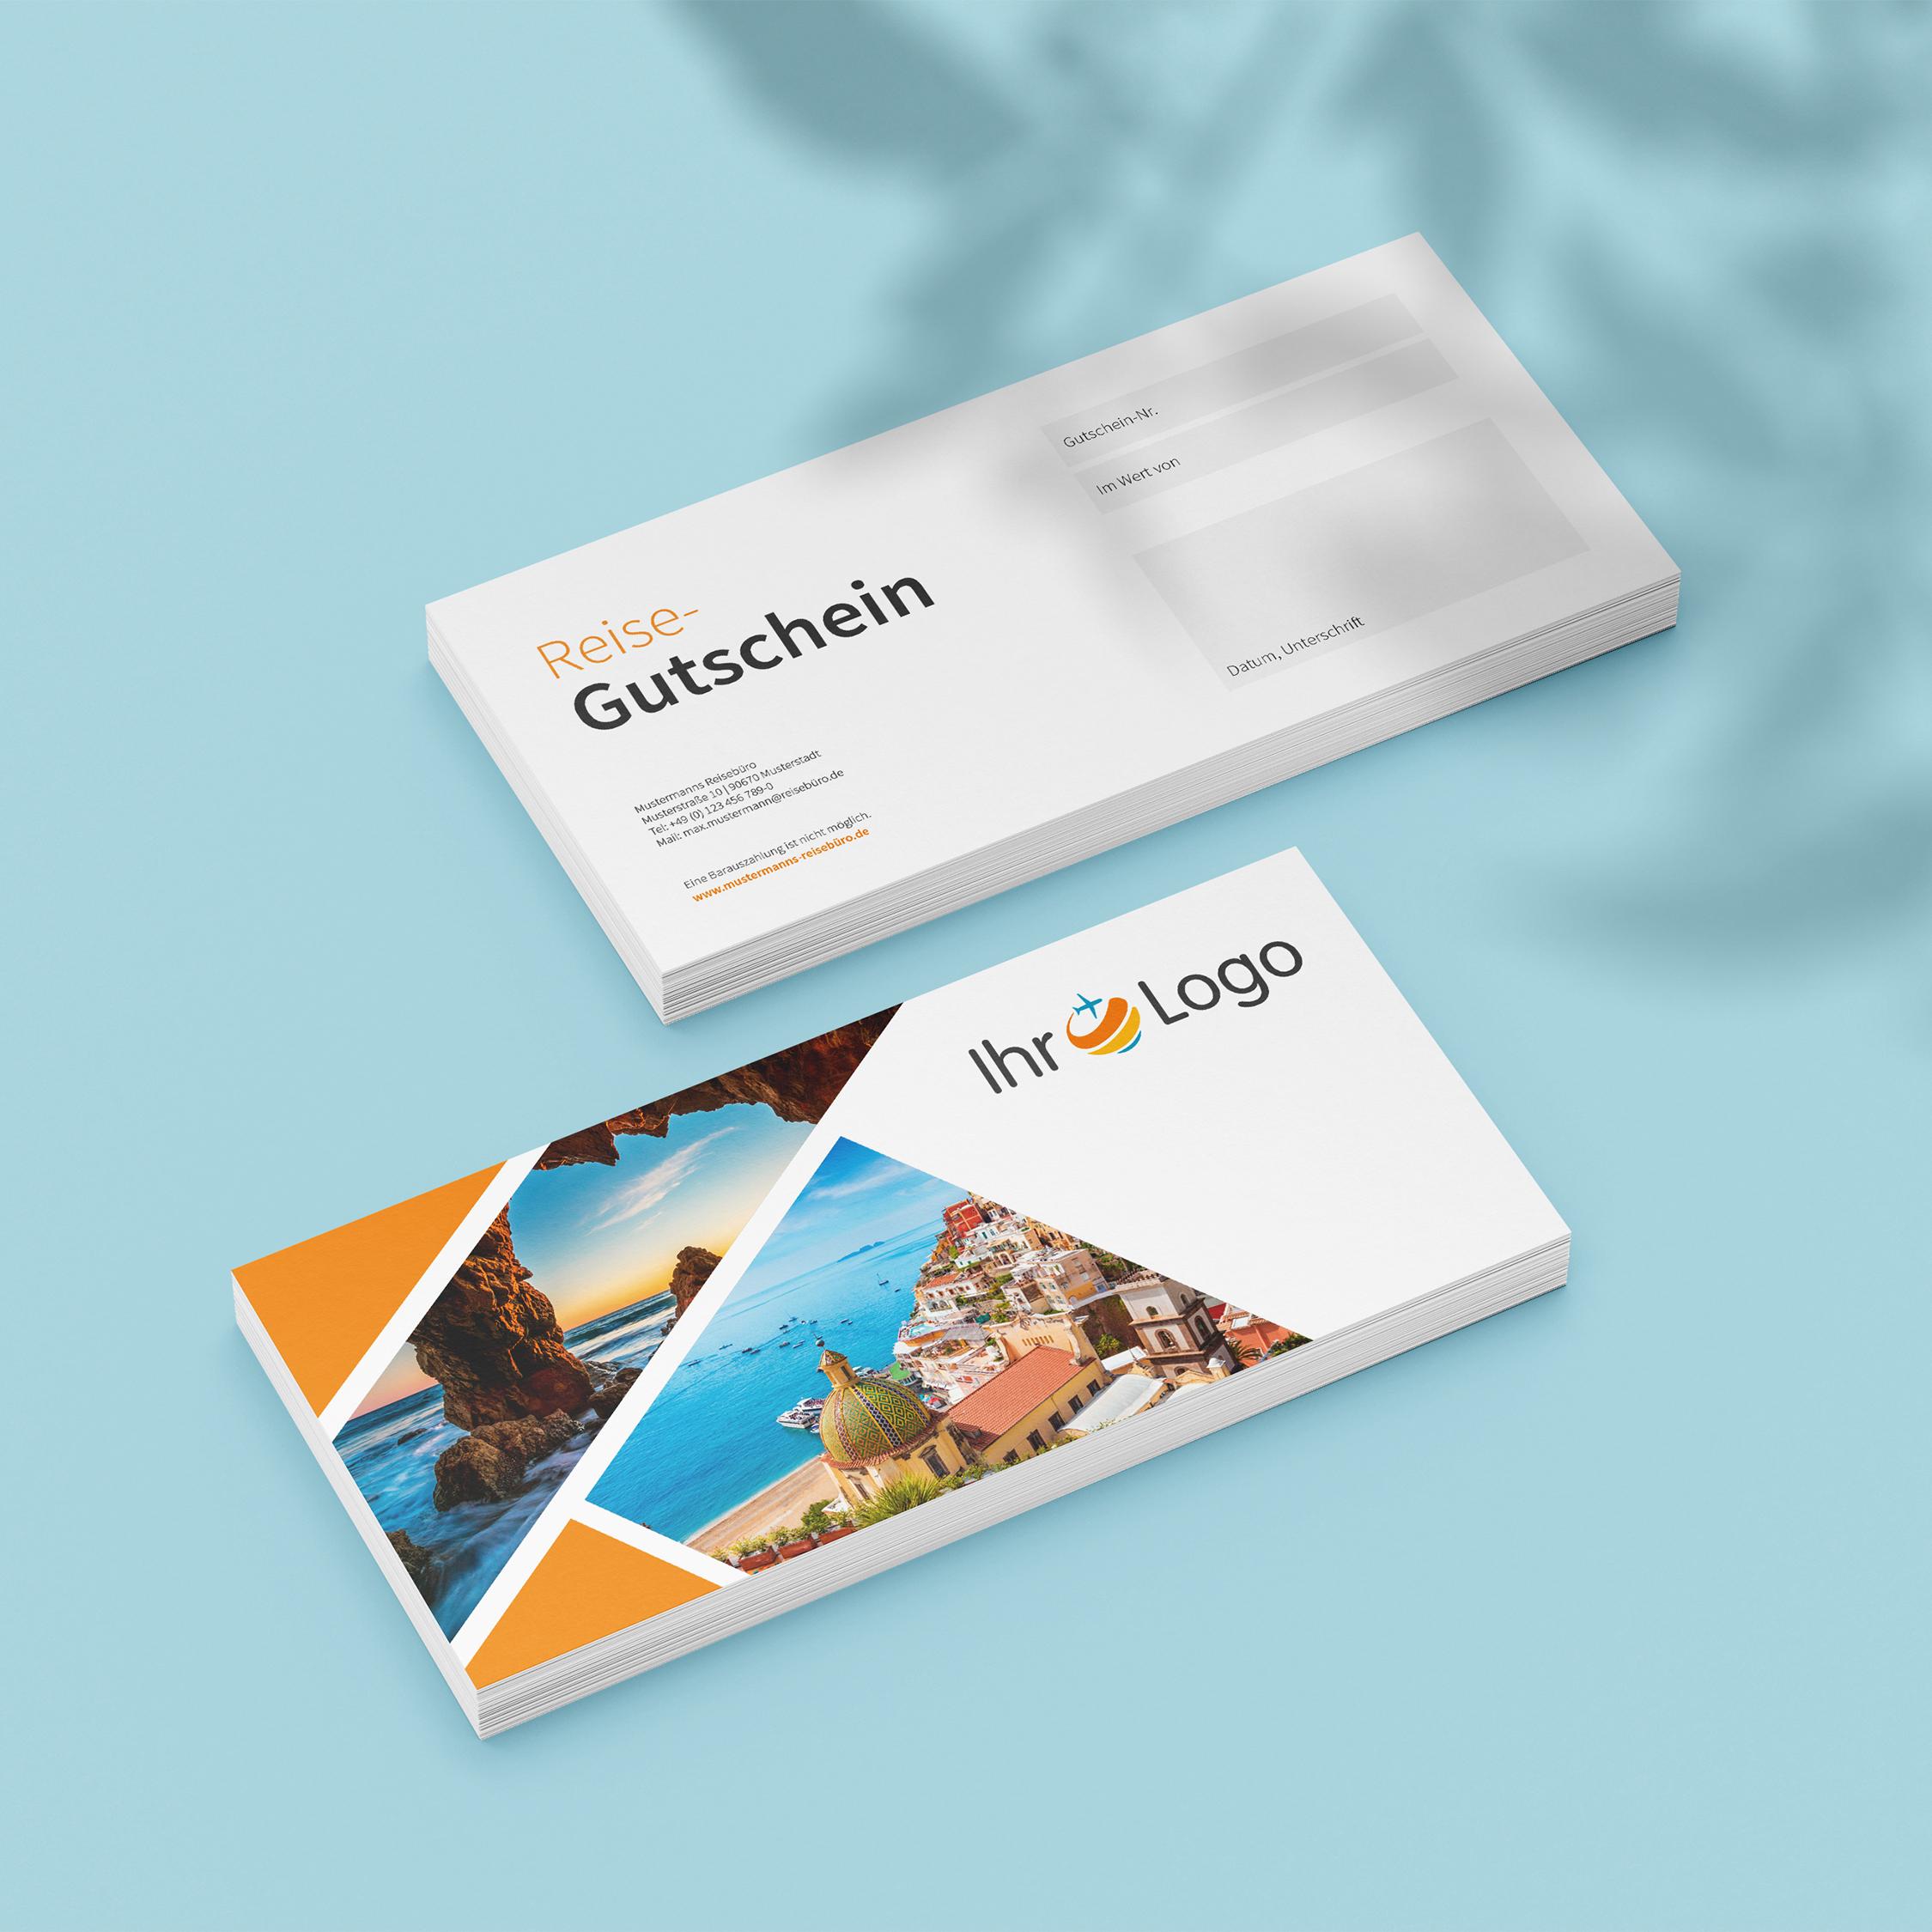 Gutscheine - Design #2